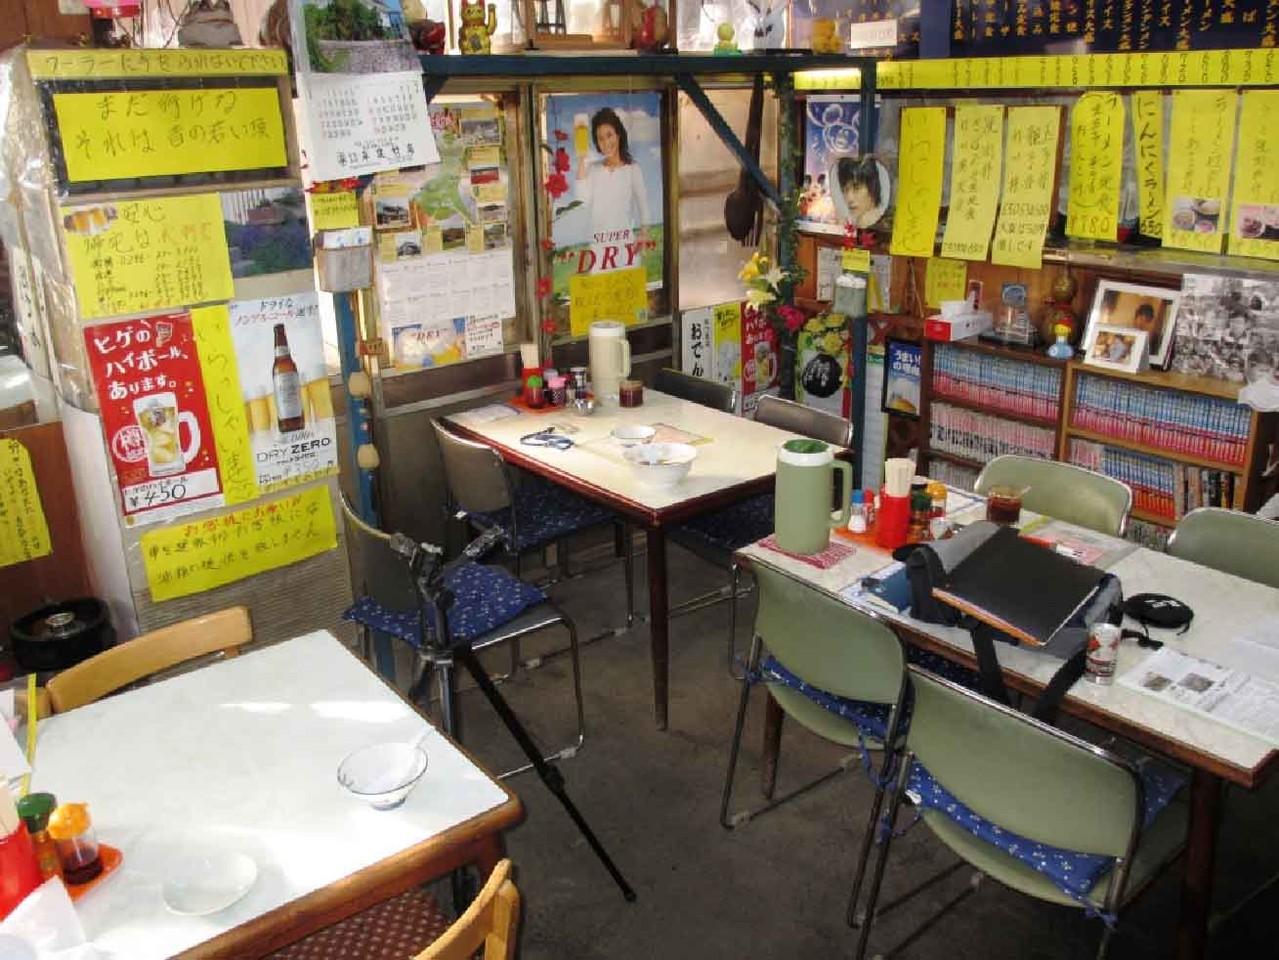 店内には、4人掛けのテーブル3台と小上がりの座敷にこれまた4人掛けのテーブルが3台設置されている。